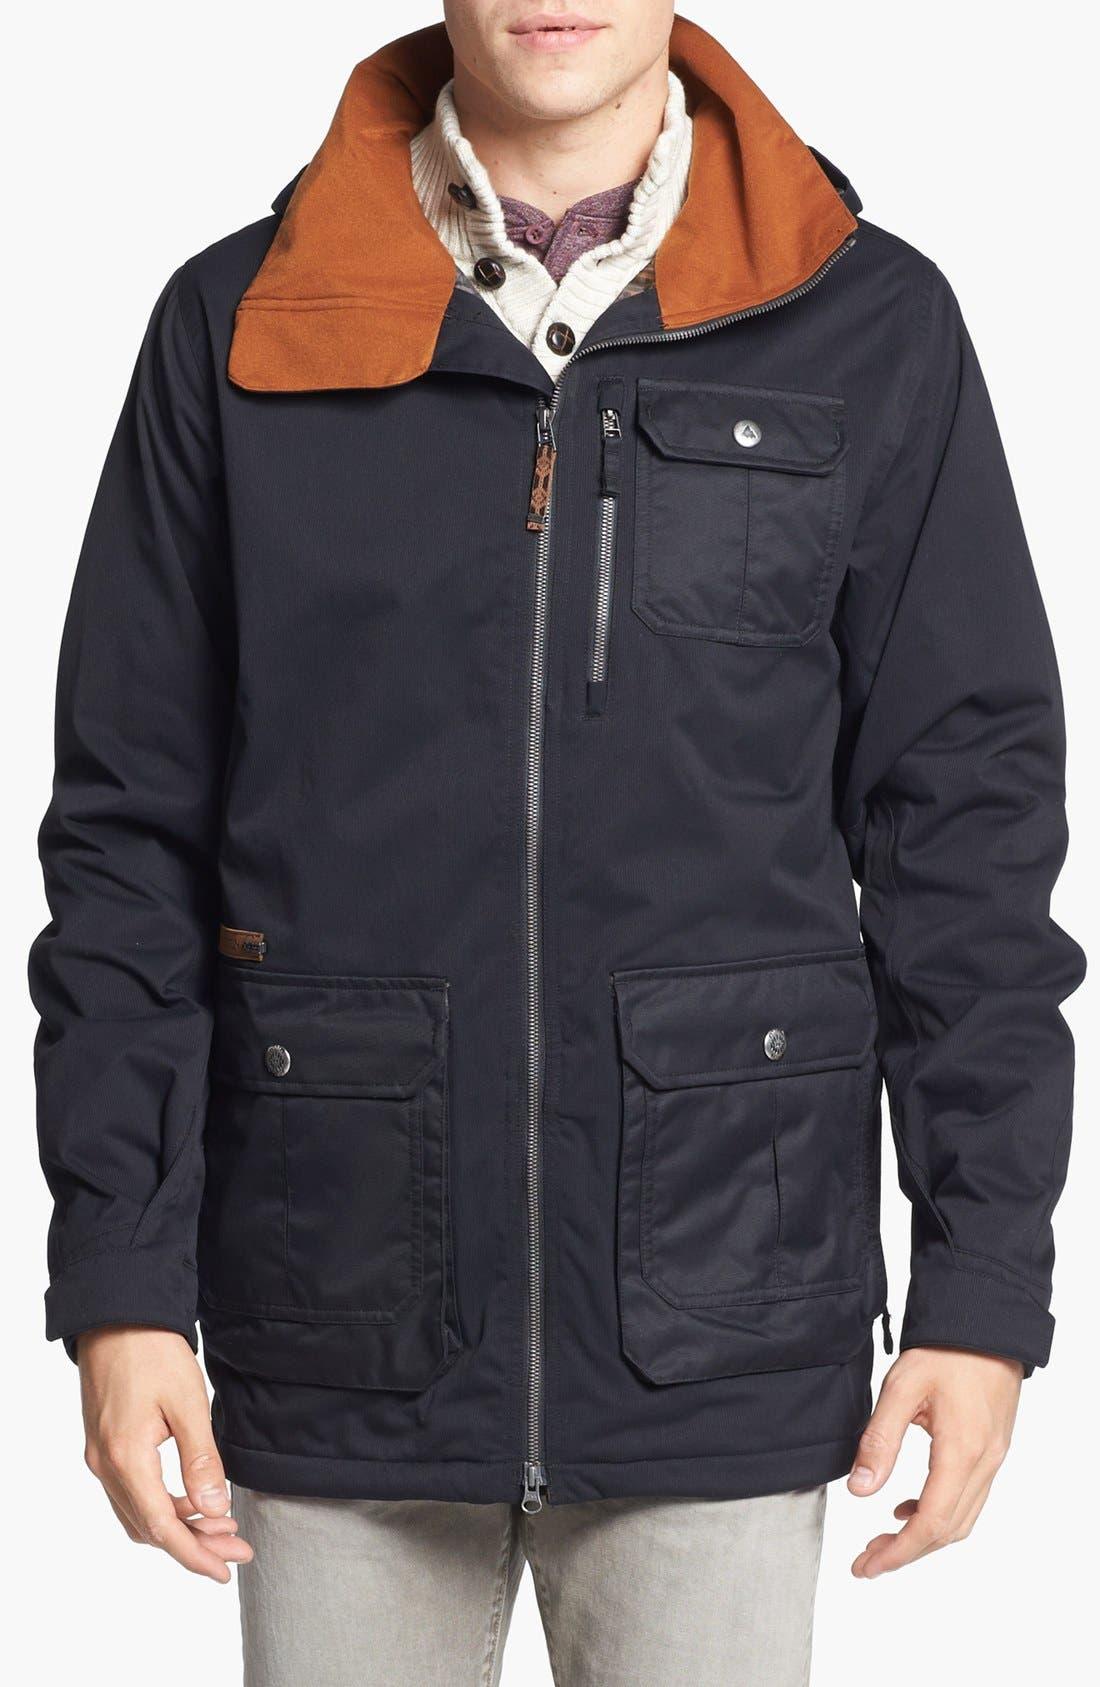 Alternate Image 1 Selected - Burton 'Sentry' Waterproof Jacket